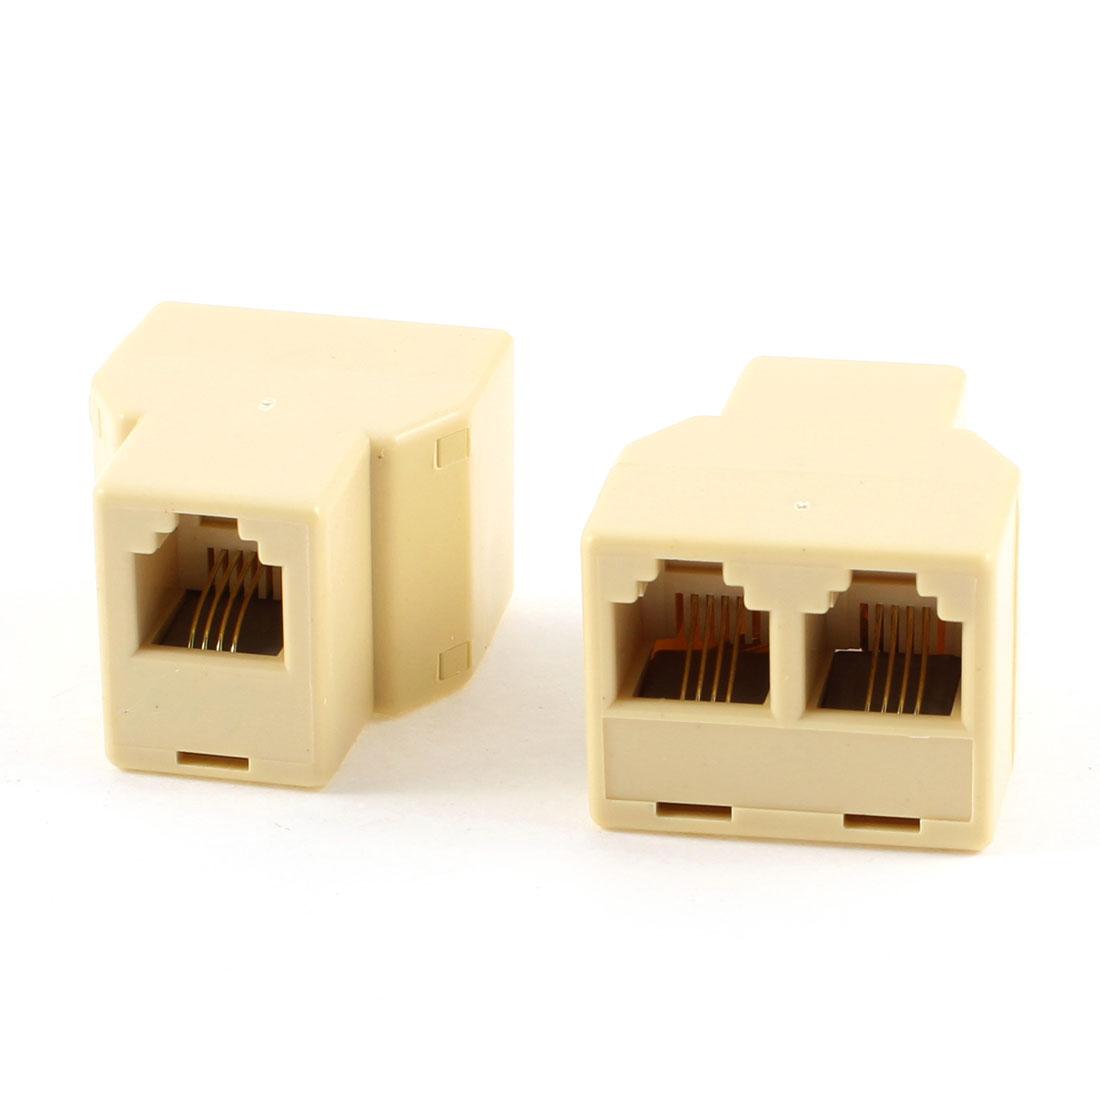 RJ11 6P4C 1 to 2 Female Telephone Modular Splitter Connector Joiner 2 Pcs